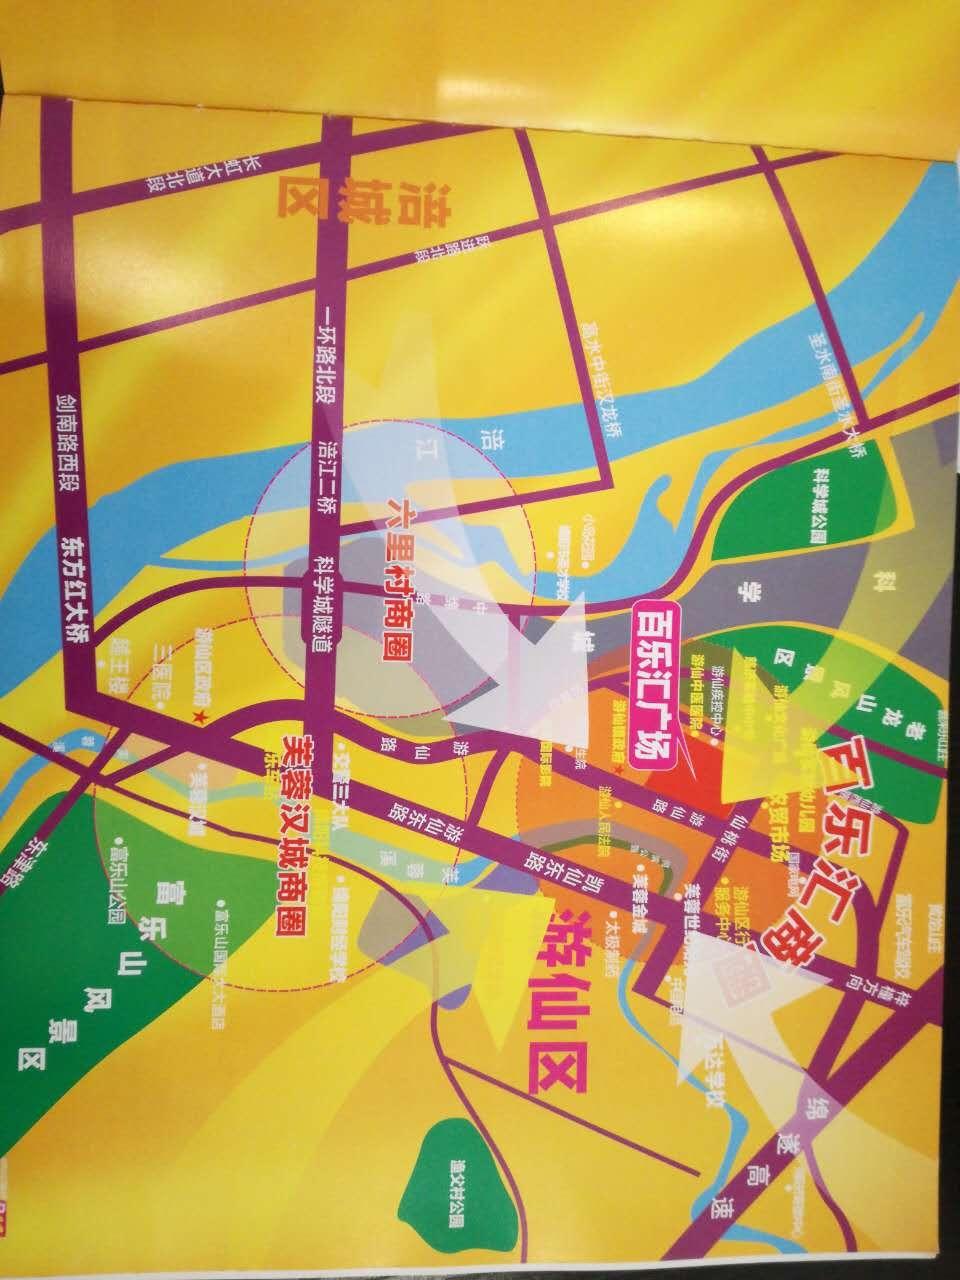 百乐汇广场商铺位置图